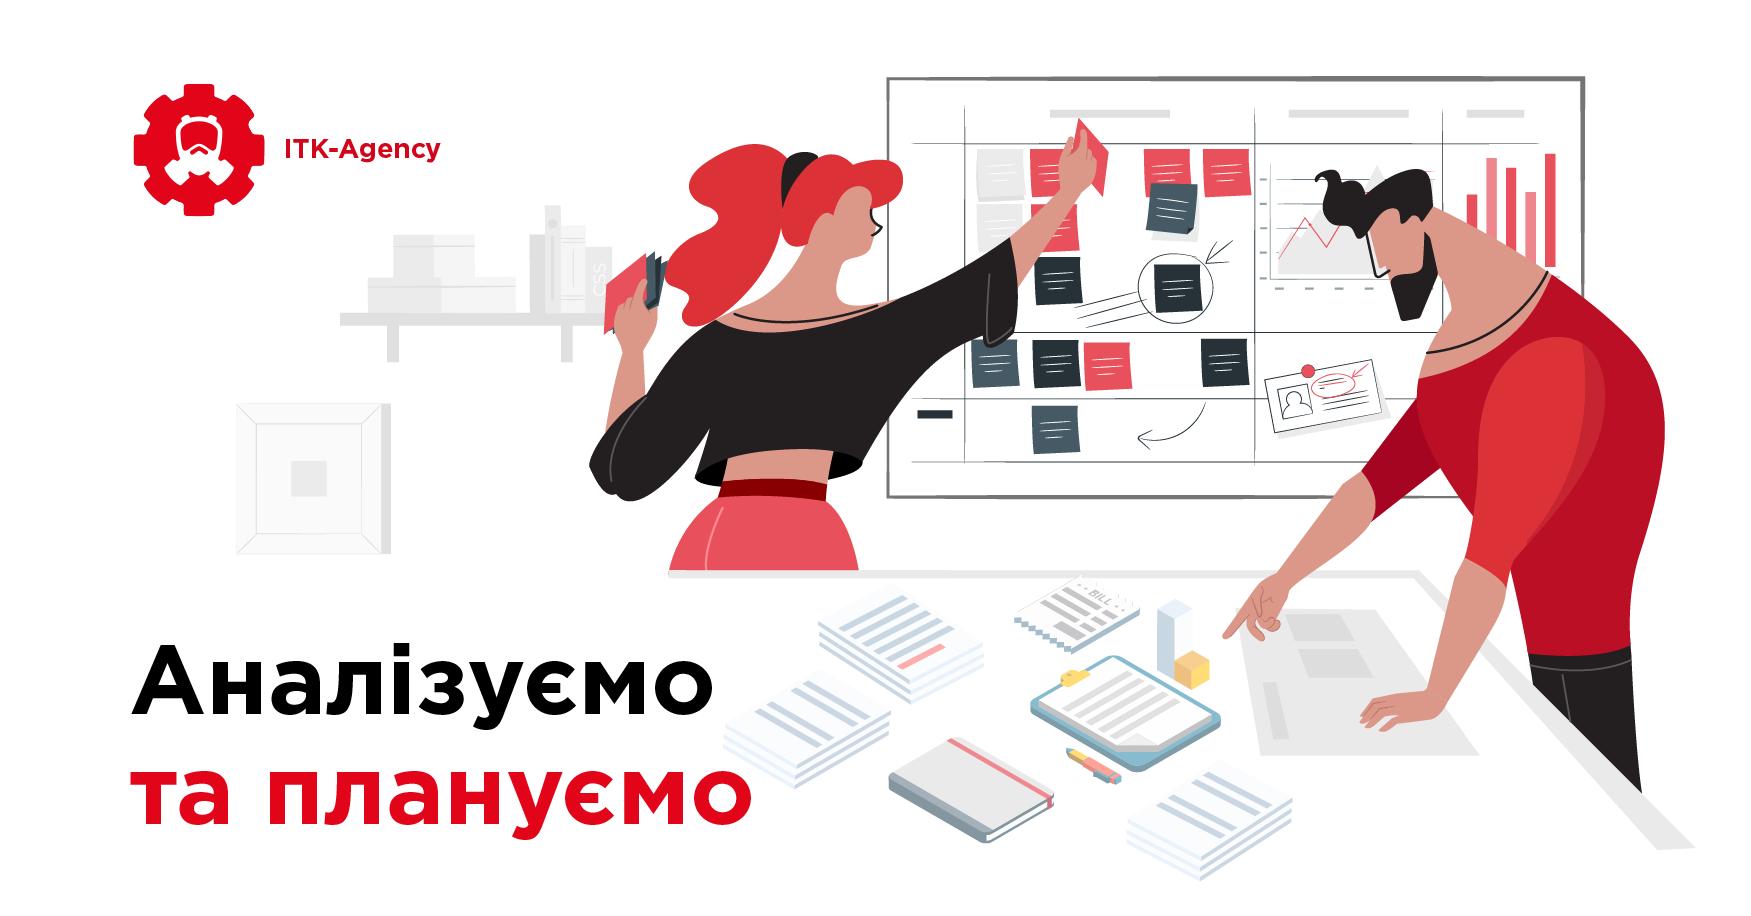 1 3 - Як створити сайт. Частина 2: аналізуємо та плануємо